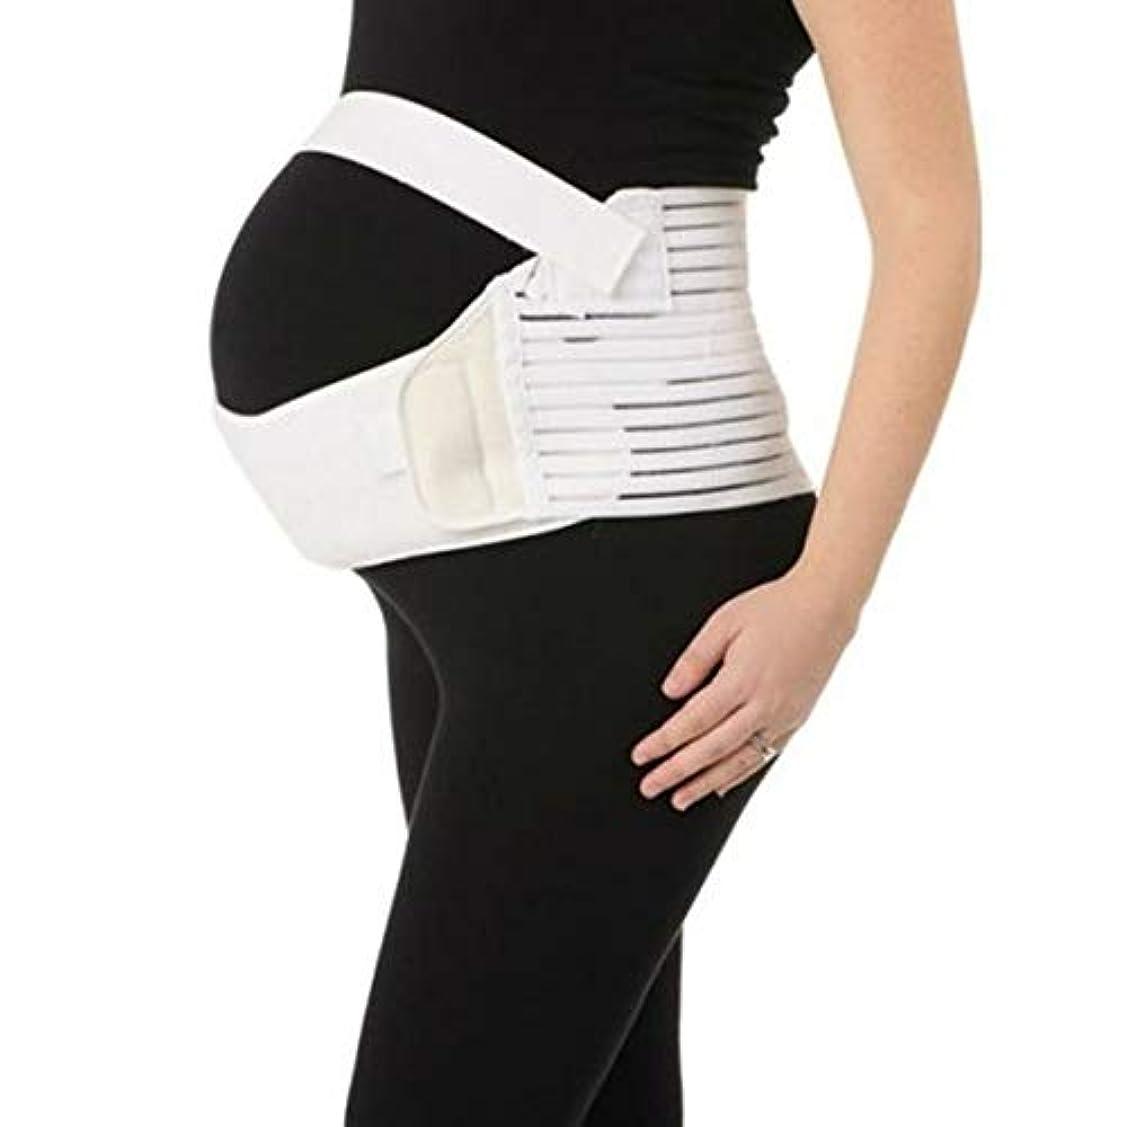 子供達神社光沢のある通気性マタニティベルト妊娠腹部サポート腹部バインダーガードル運動包帯産後回復形状ウェア - ホワイトXL